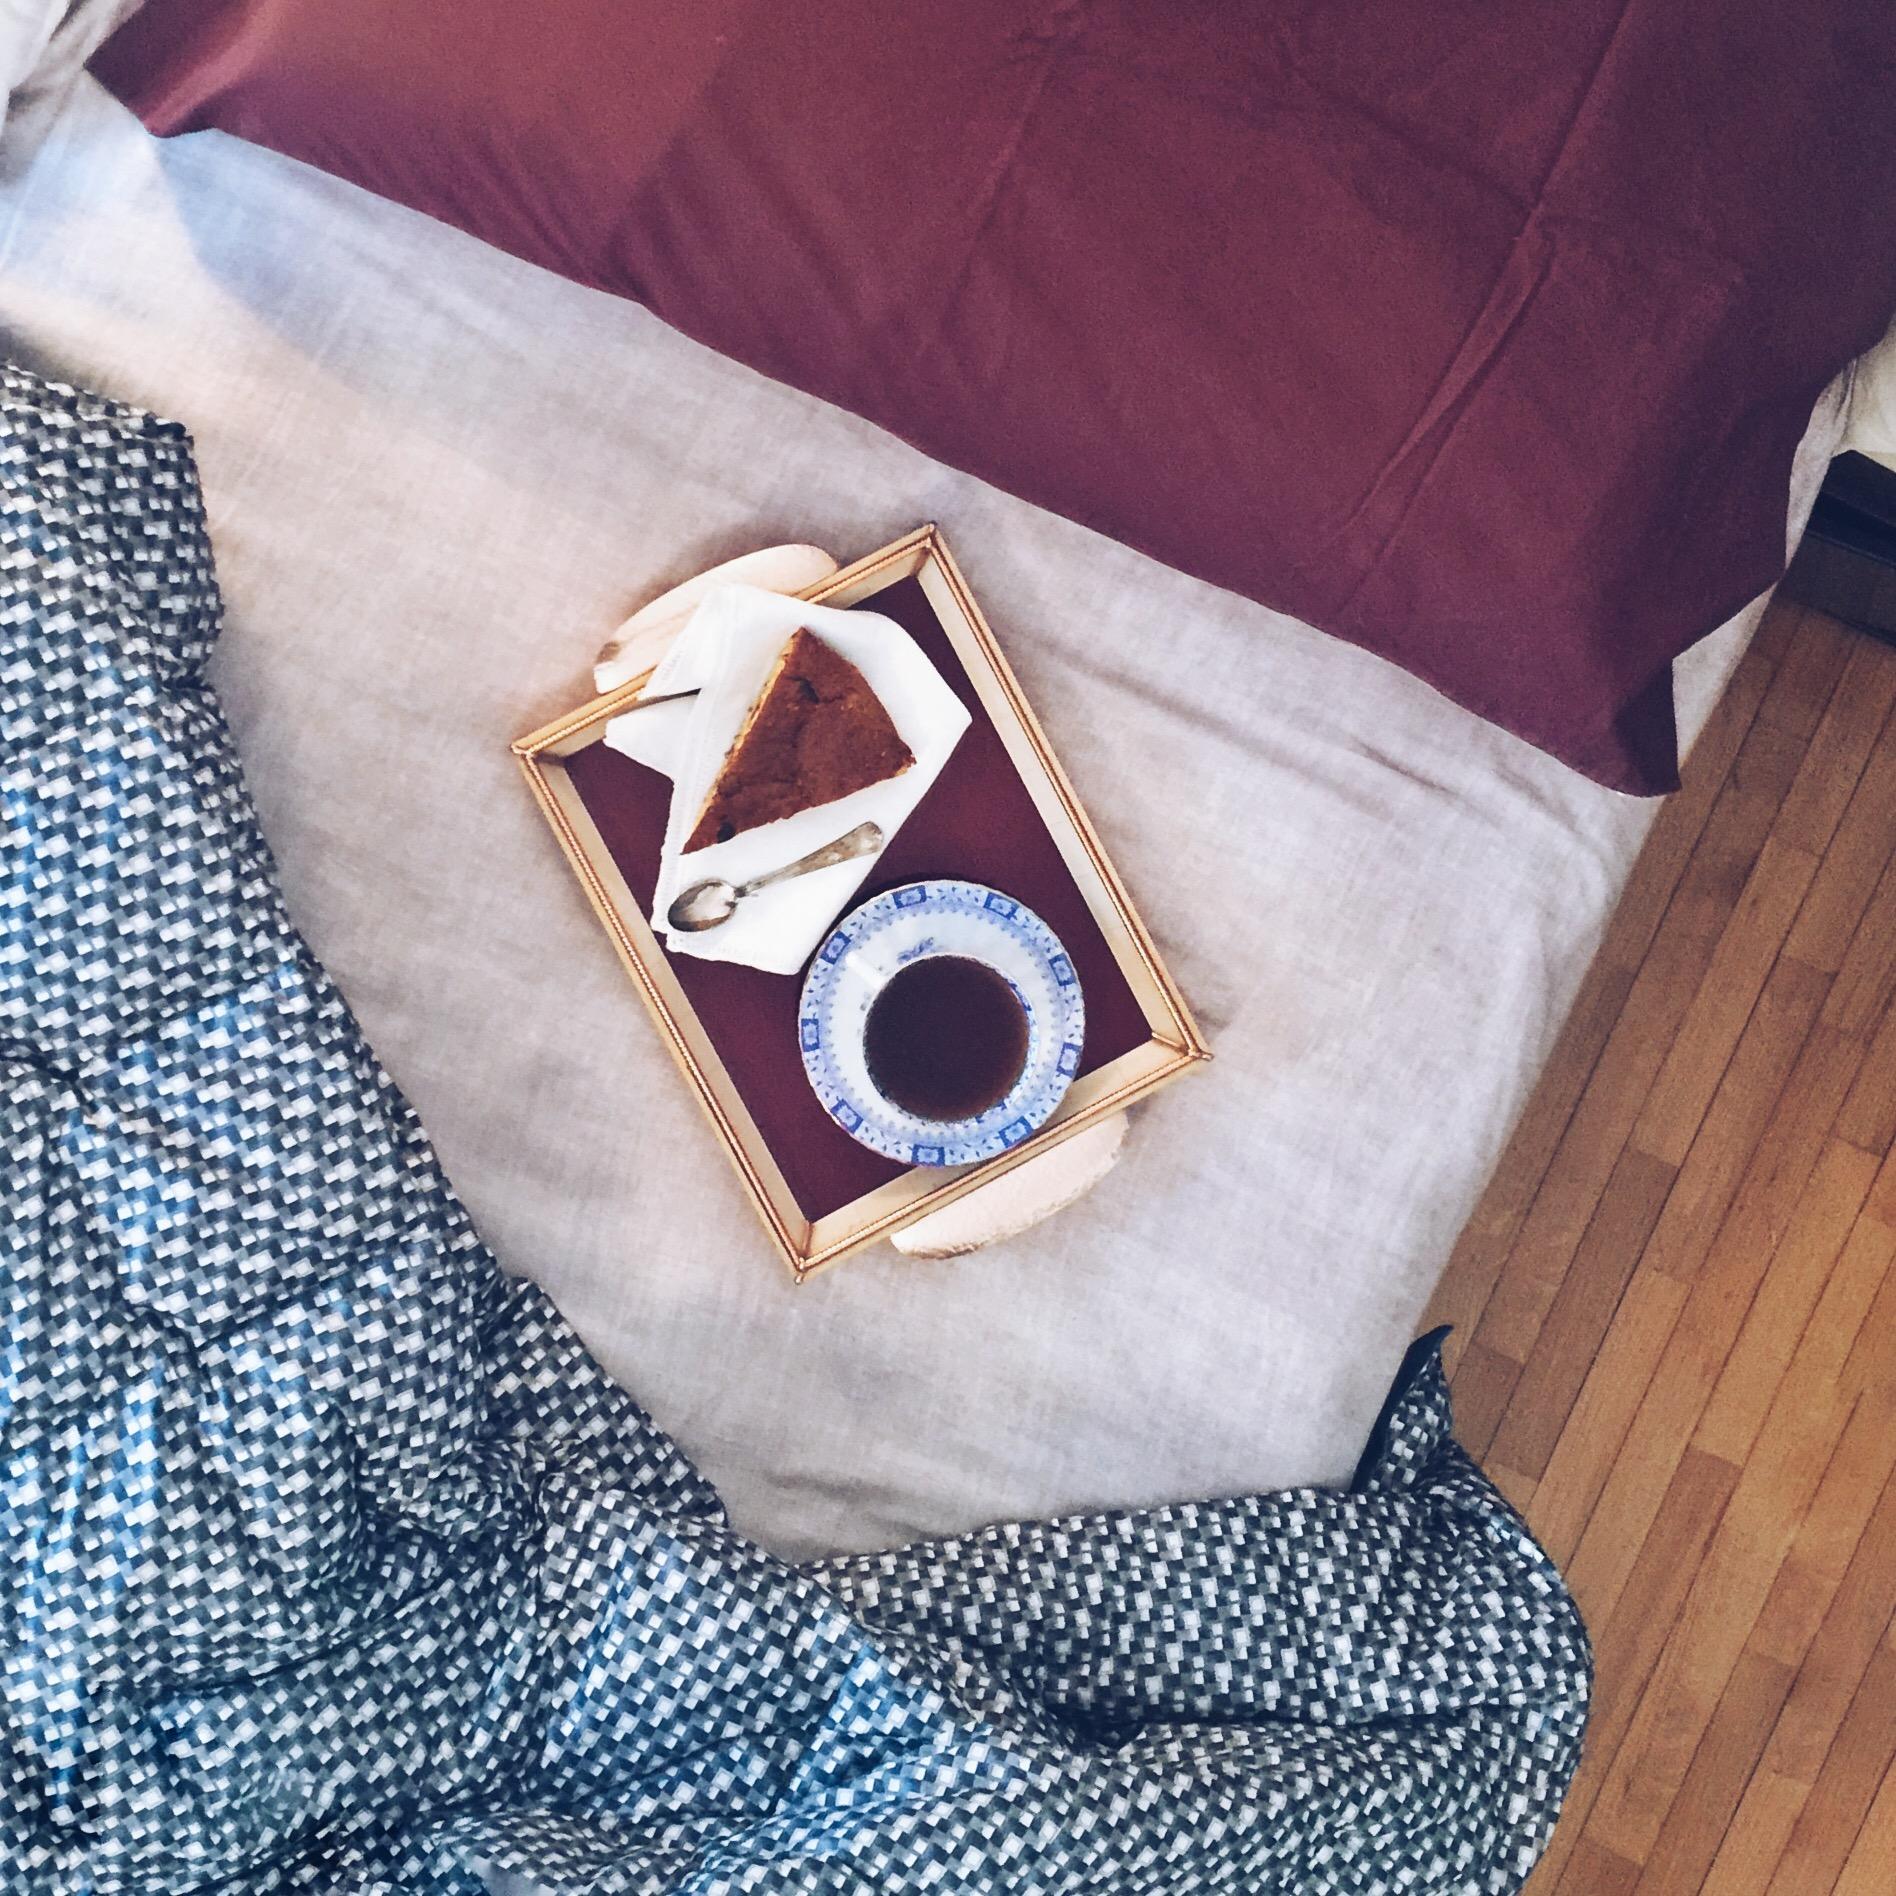 Vassoio con torta e caffè sul letto sfatto - tatianaberlaffa.com